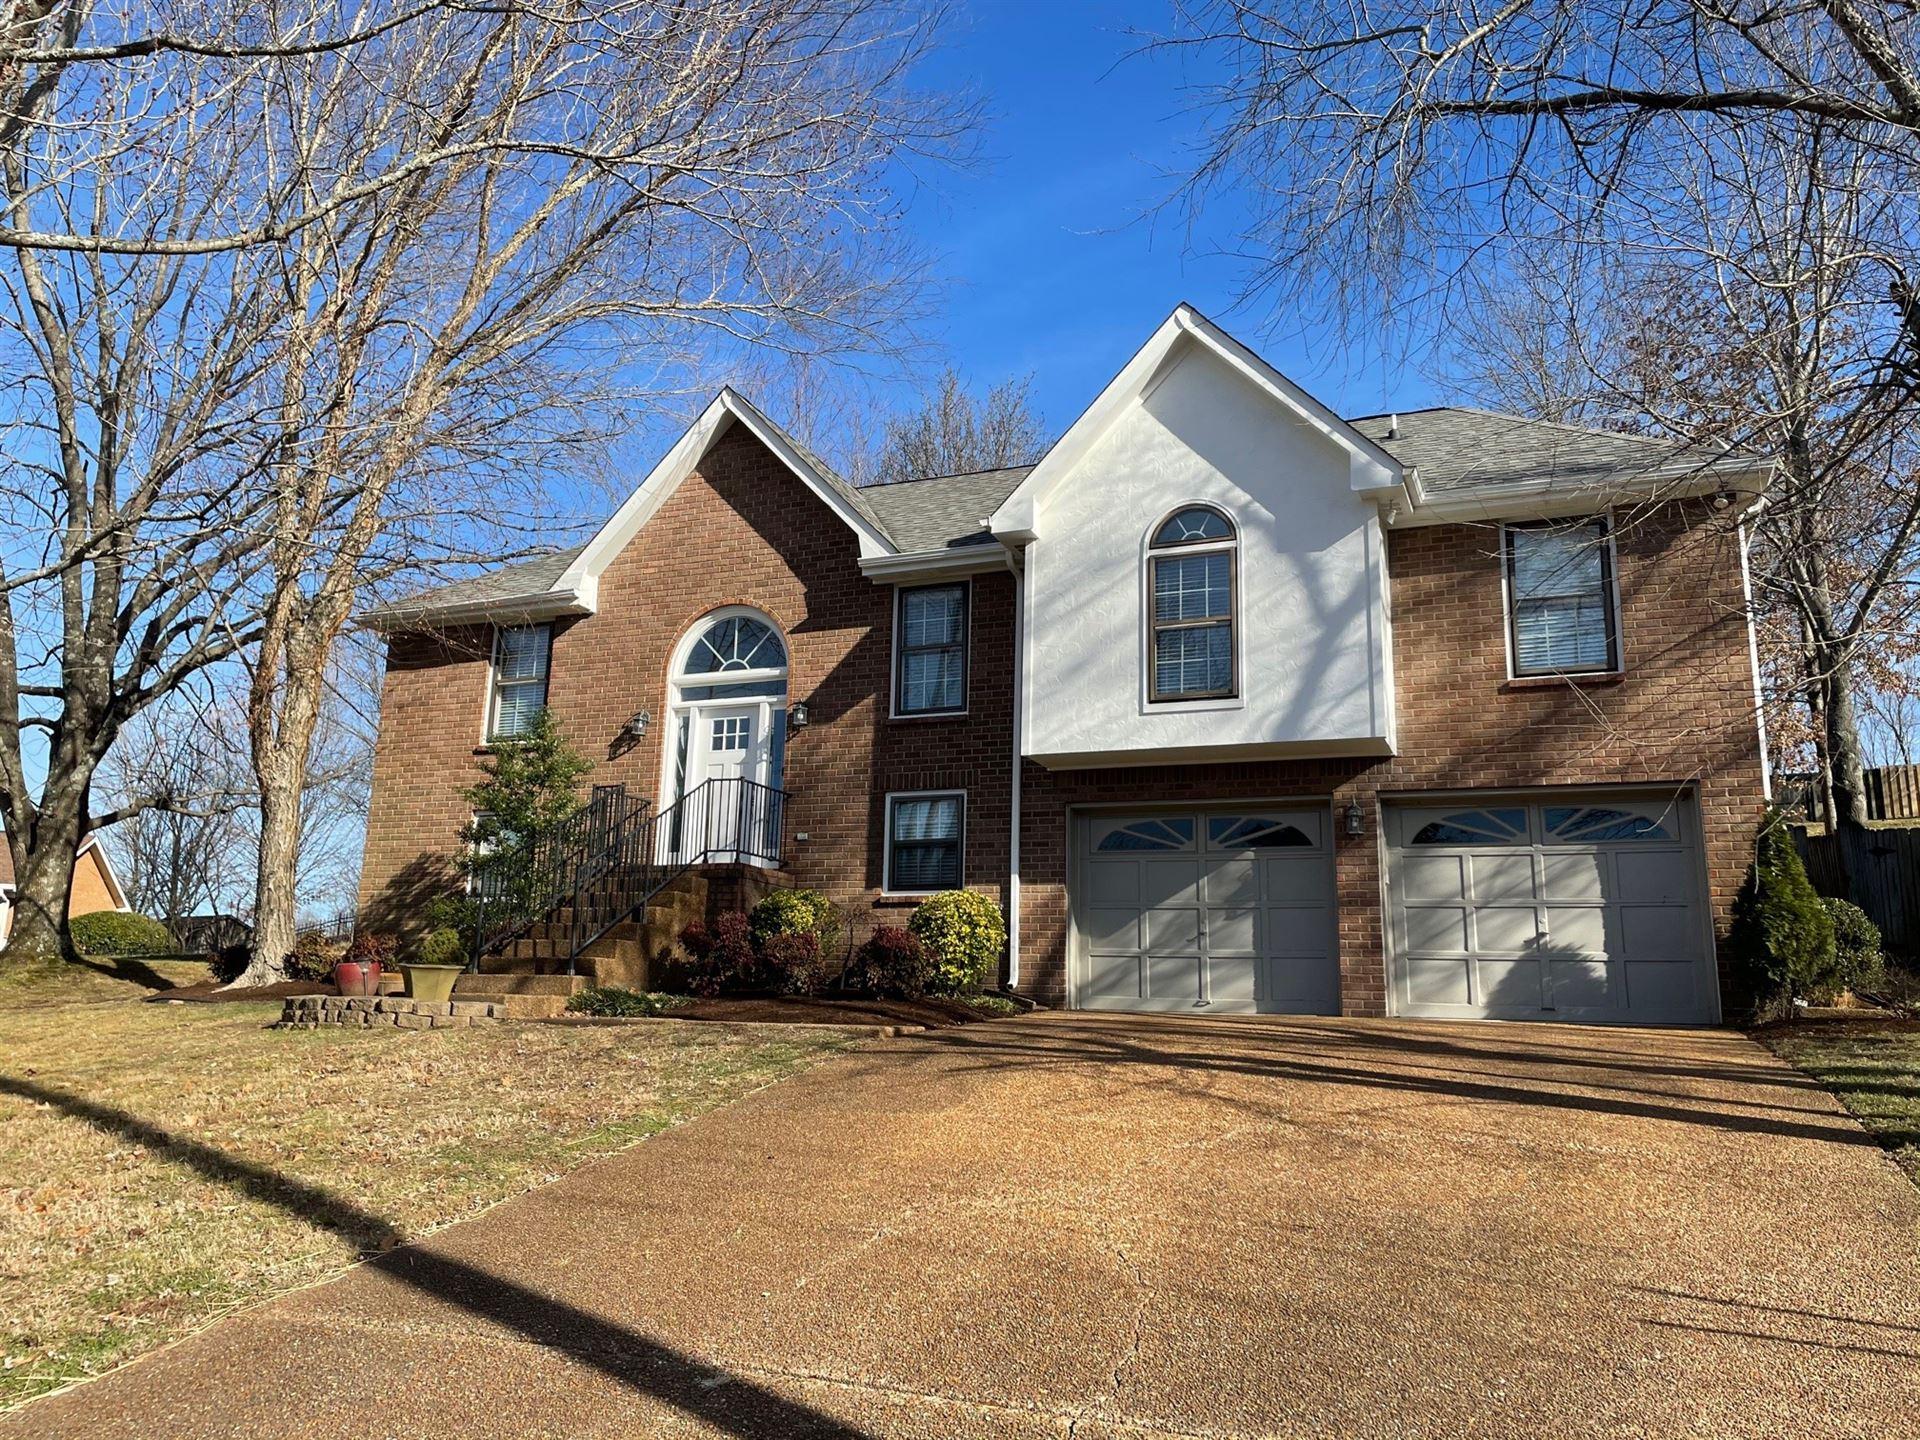 820 Restover Ct, Nashville, TN 37214 - MLS#: 2219278